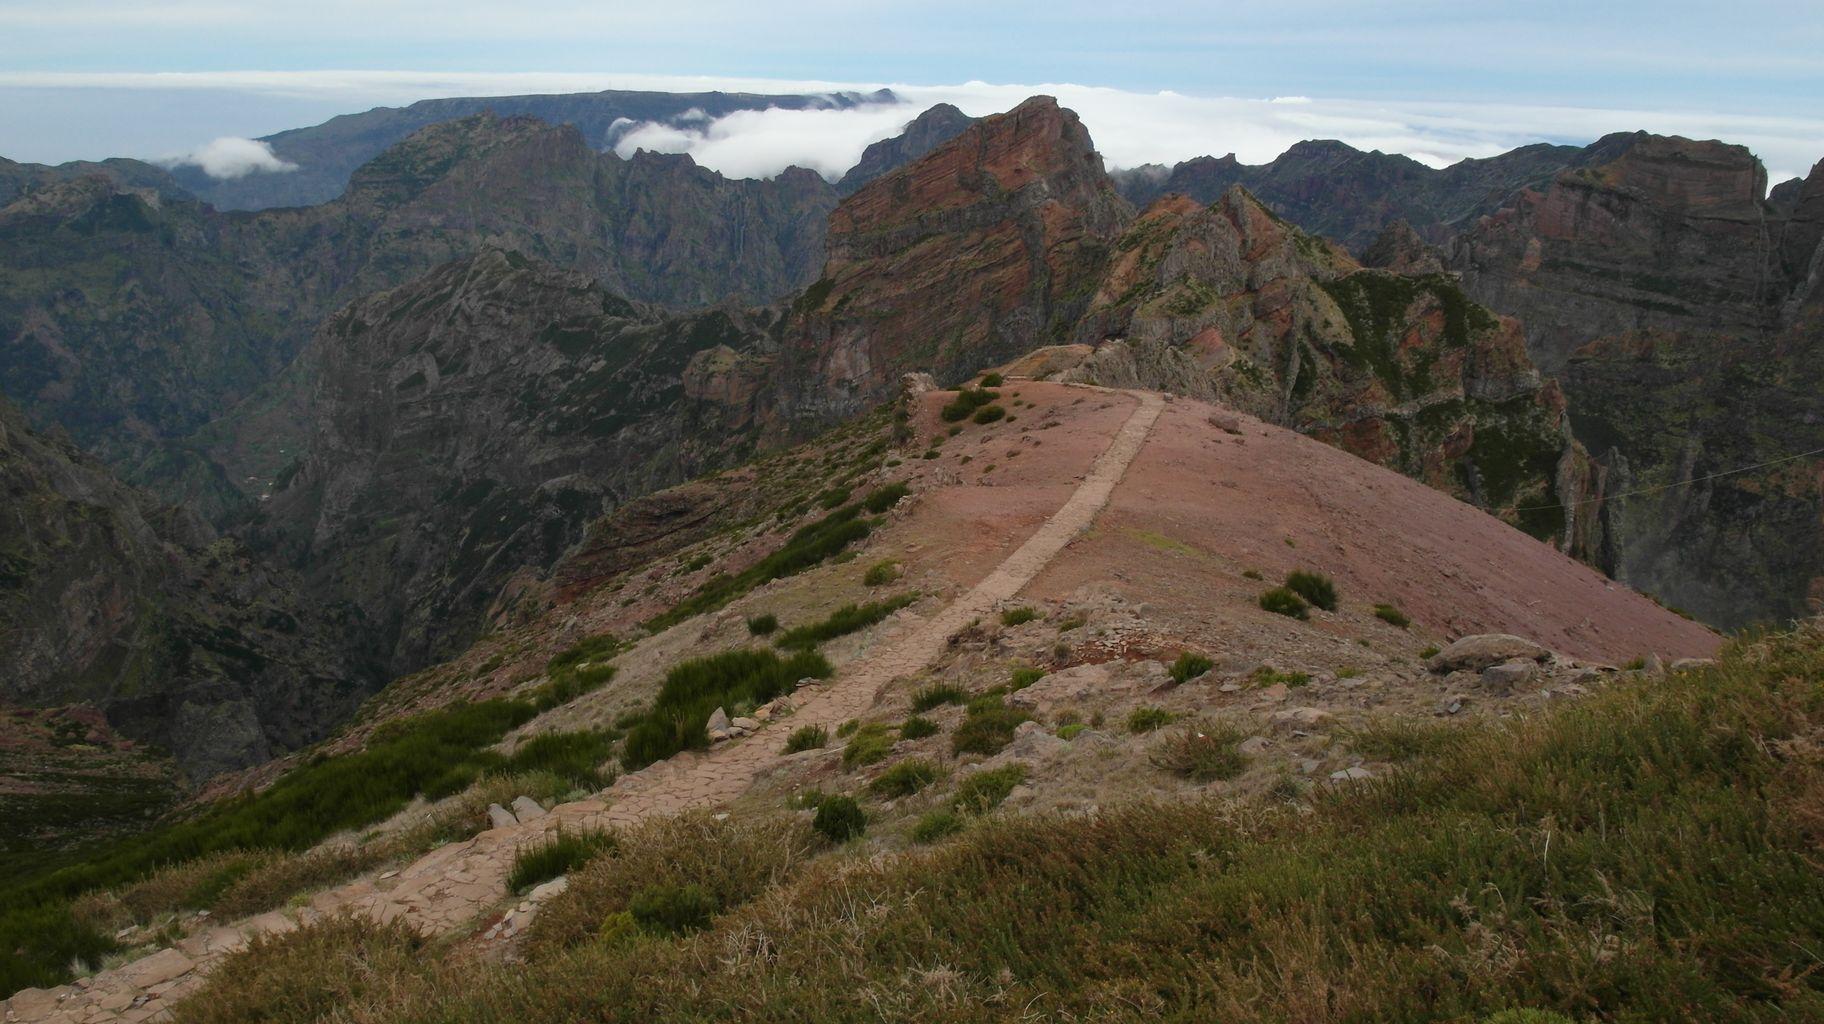 Droga z Pico Arieiro do Pico Ruvio